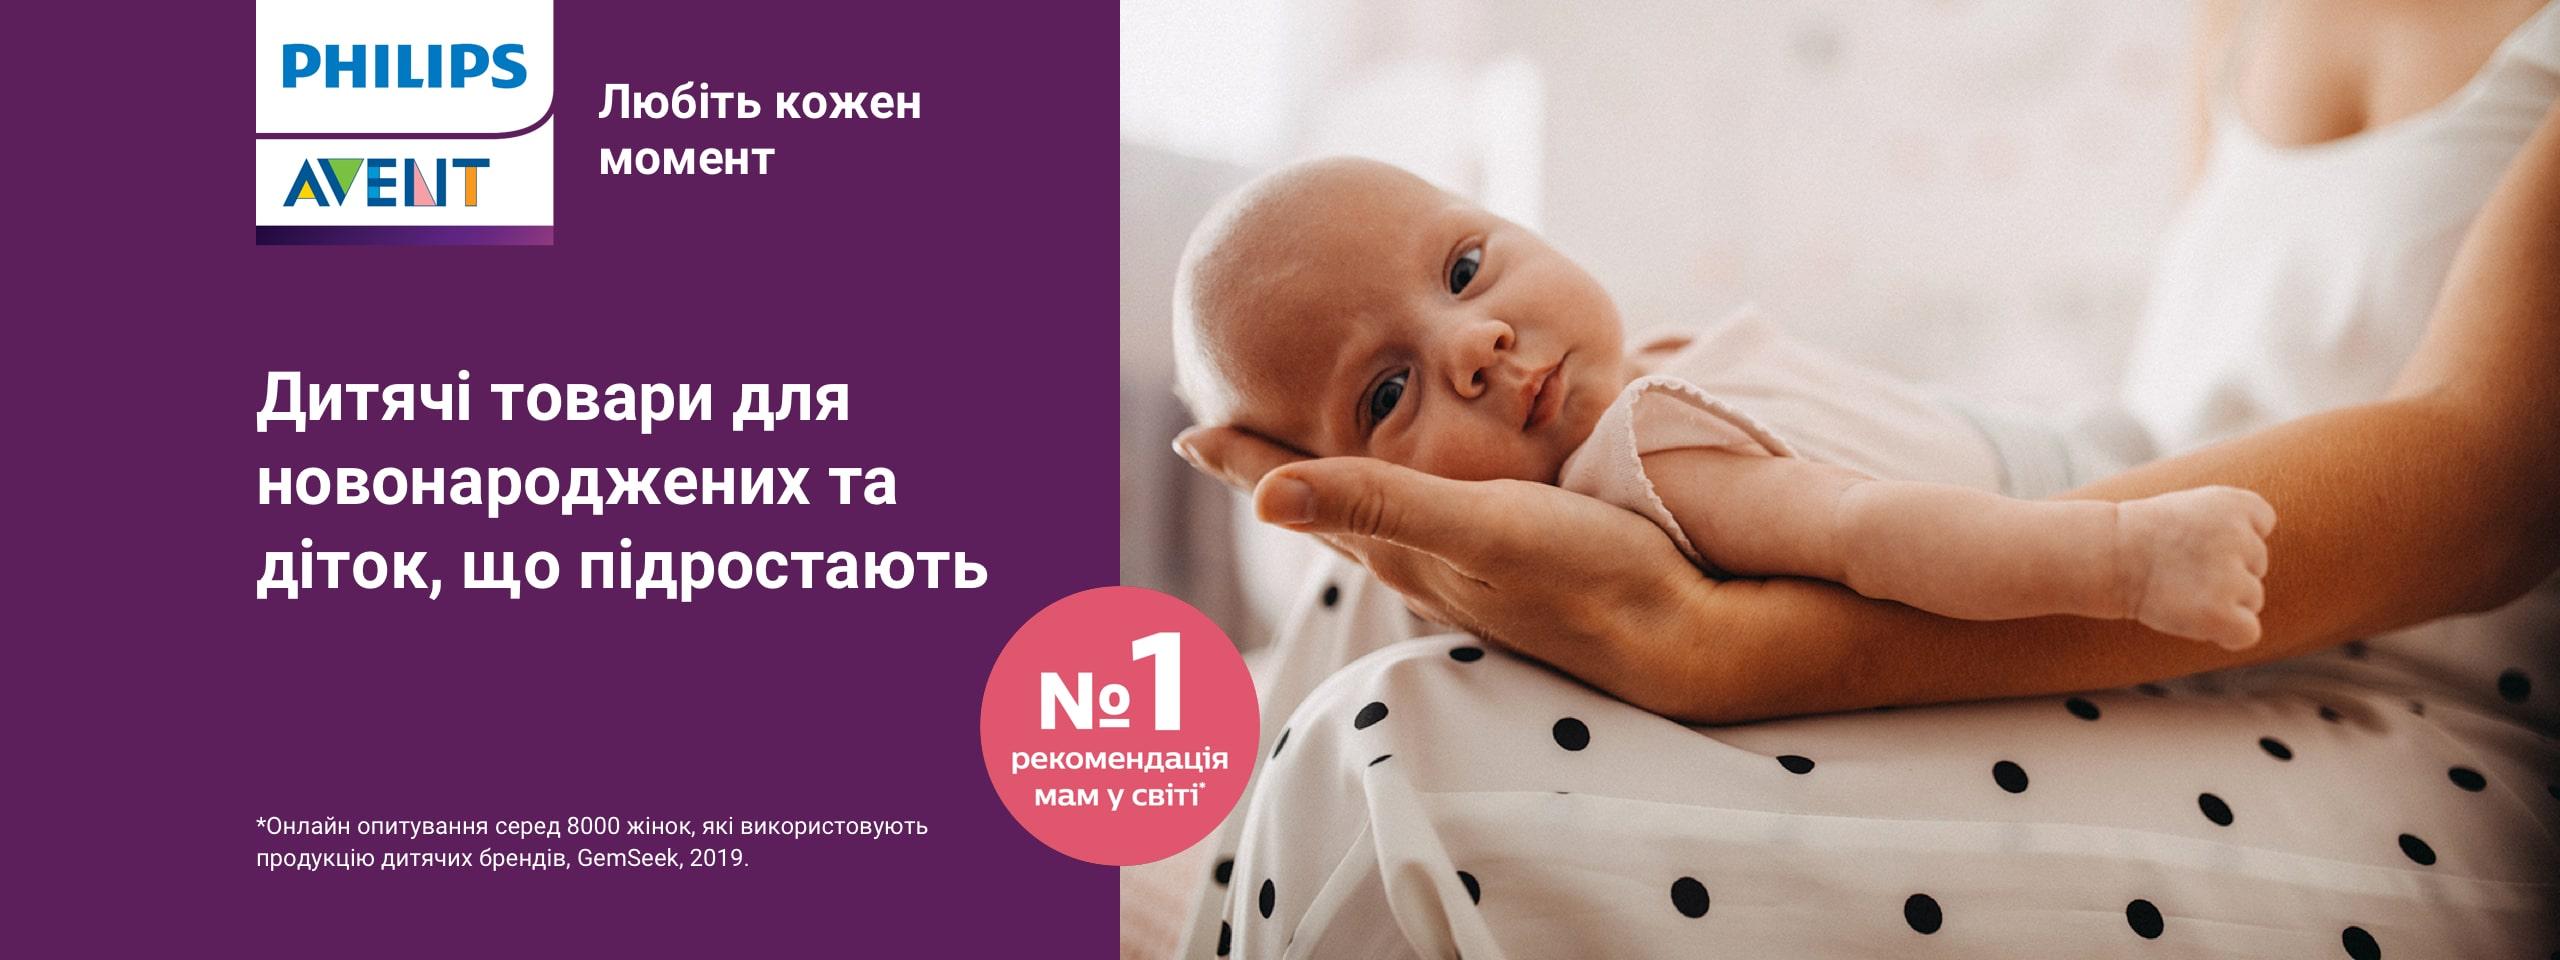 Дитячі товари для новонароджених та діток, що підростають